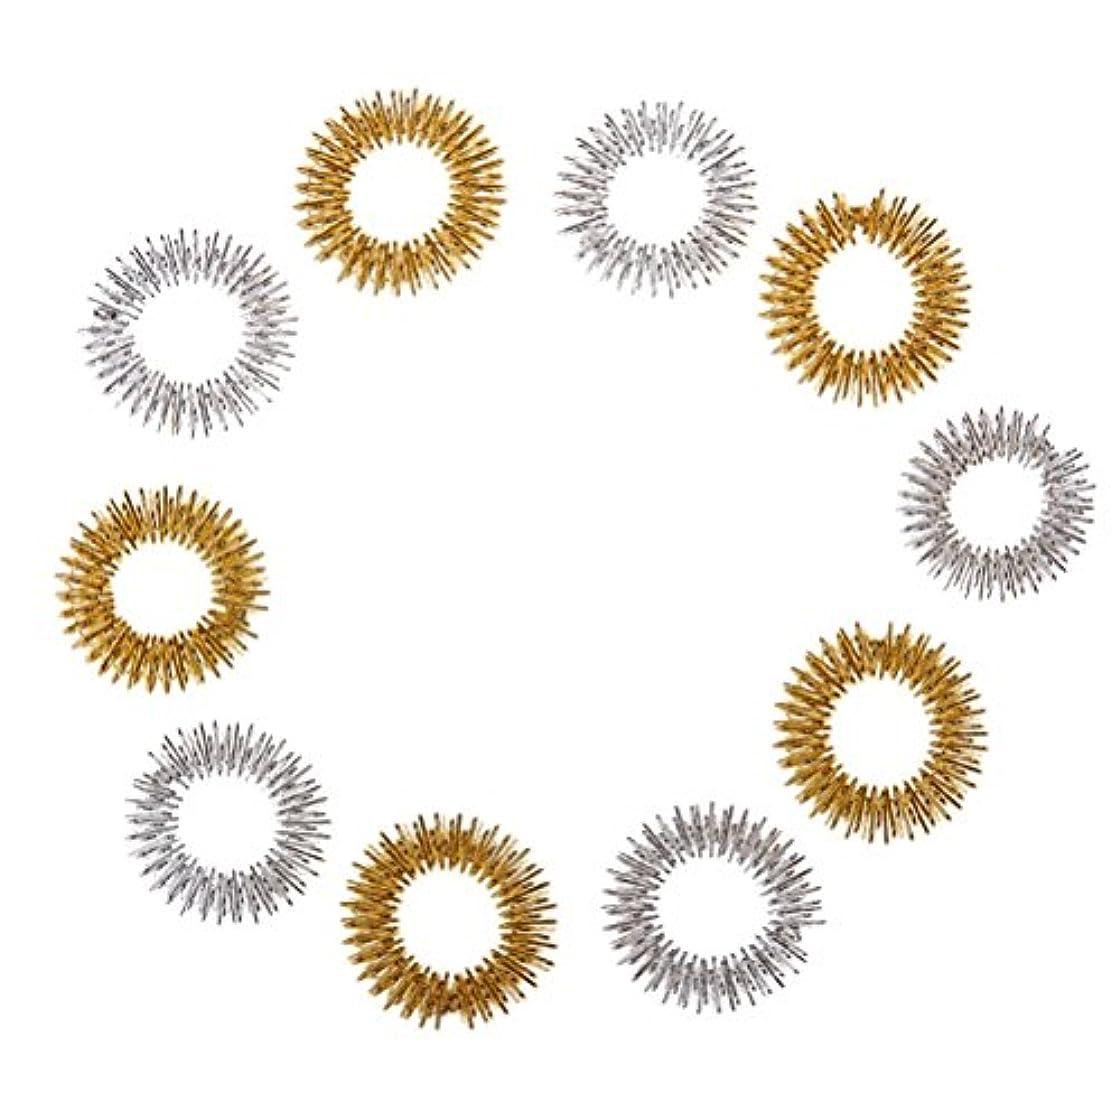 あいさつダーリン製油所SUPVOX 10ピース指圧マッサージ指輪循環リング子供のための十代の若者たち大人ランダム色